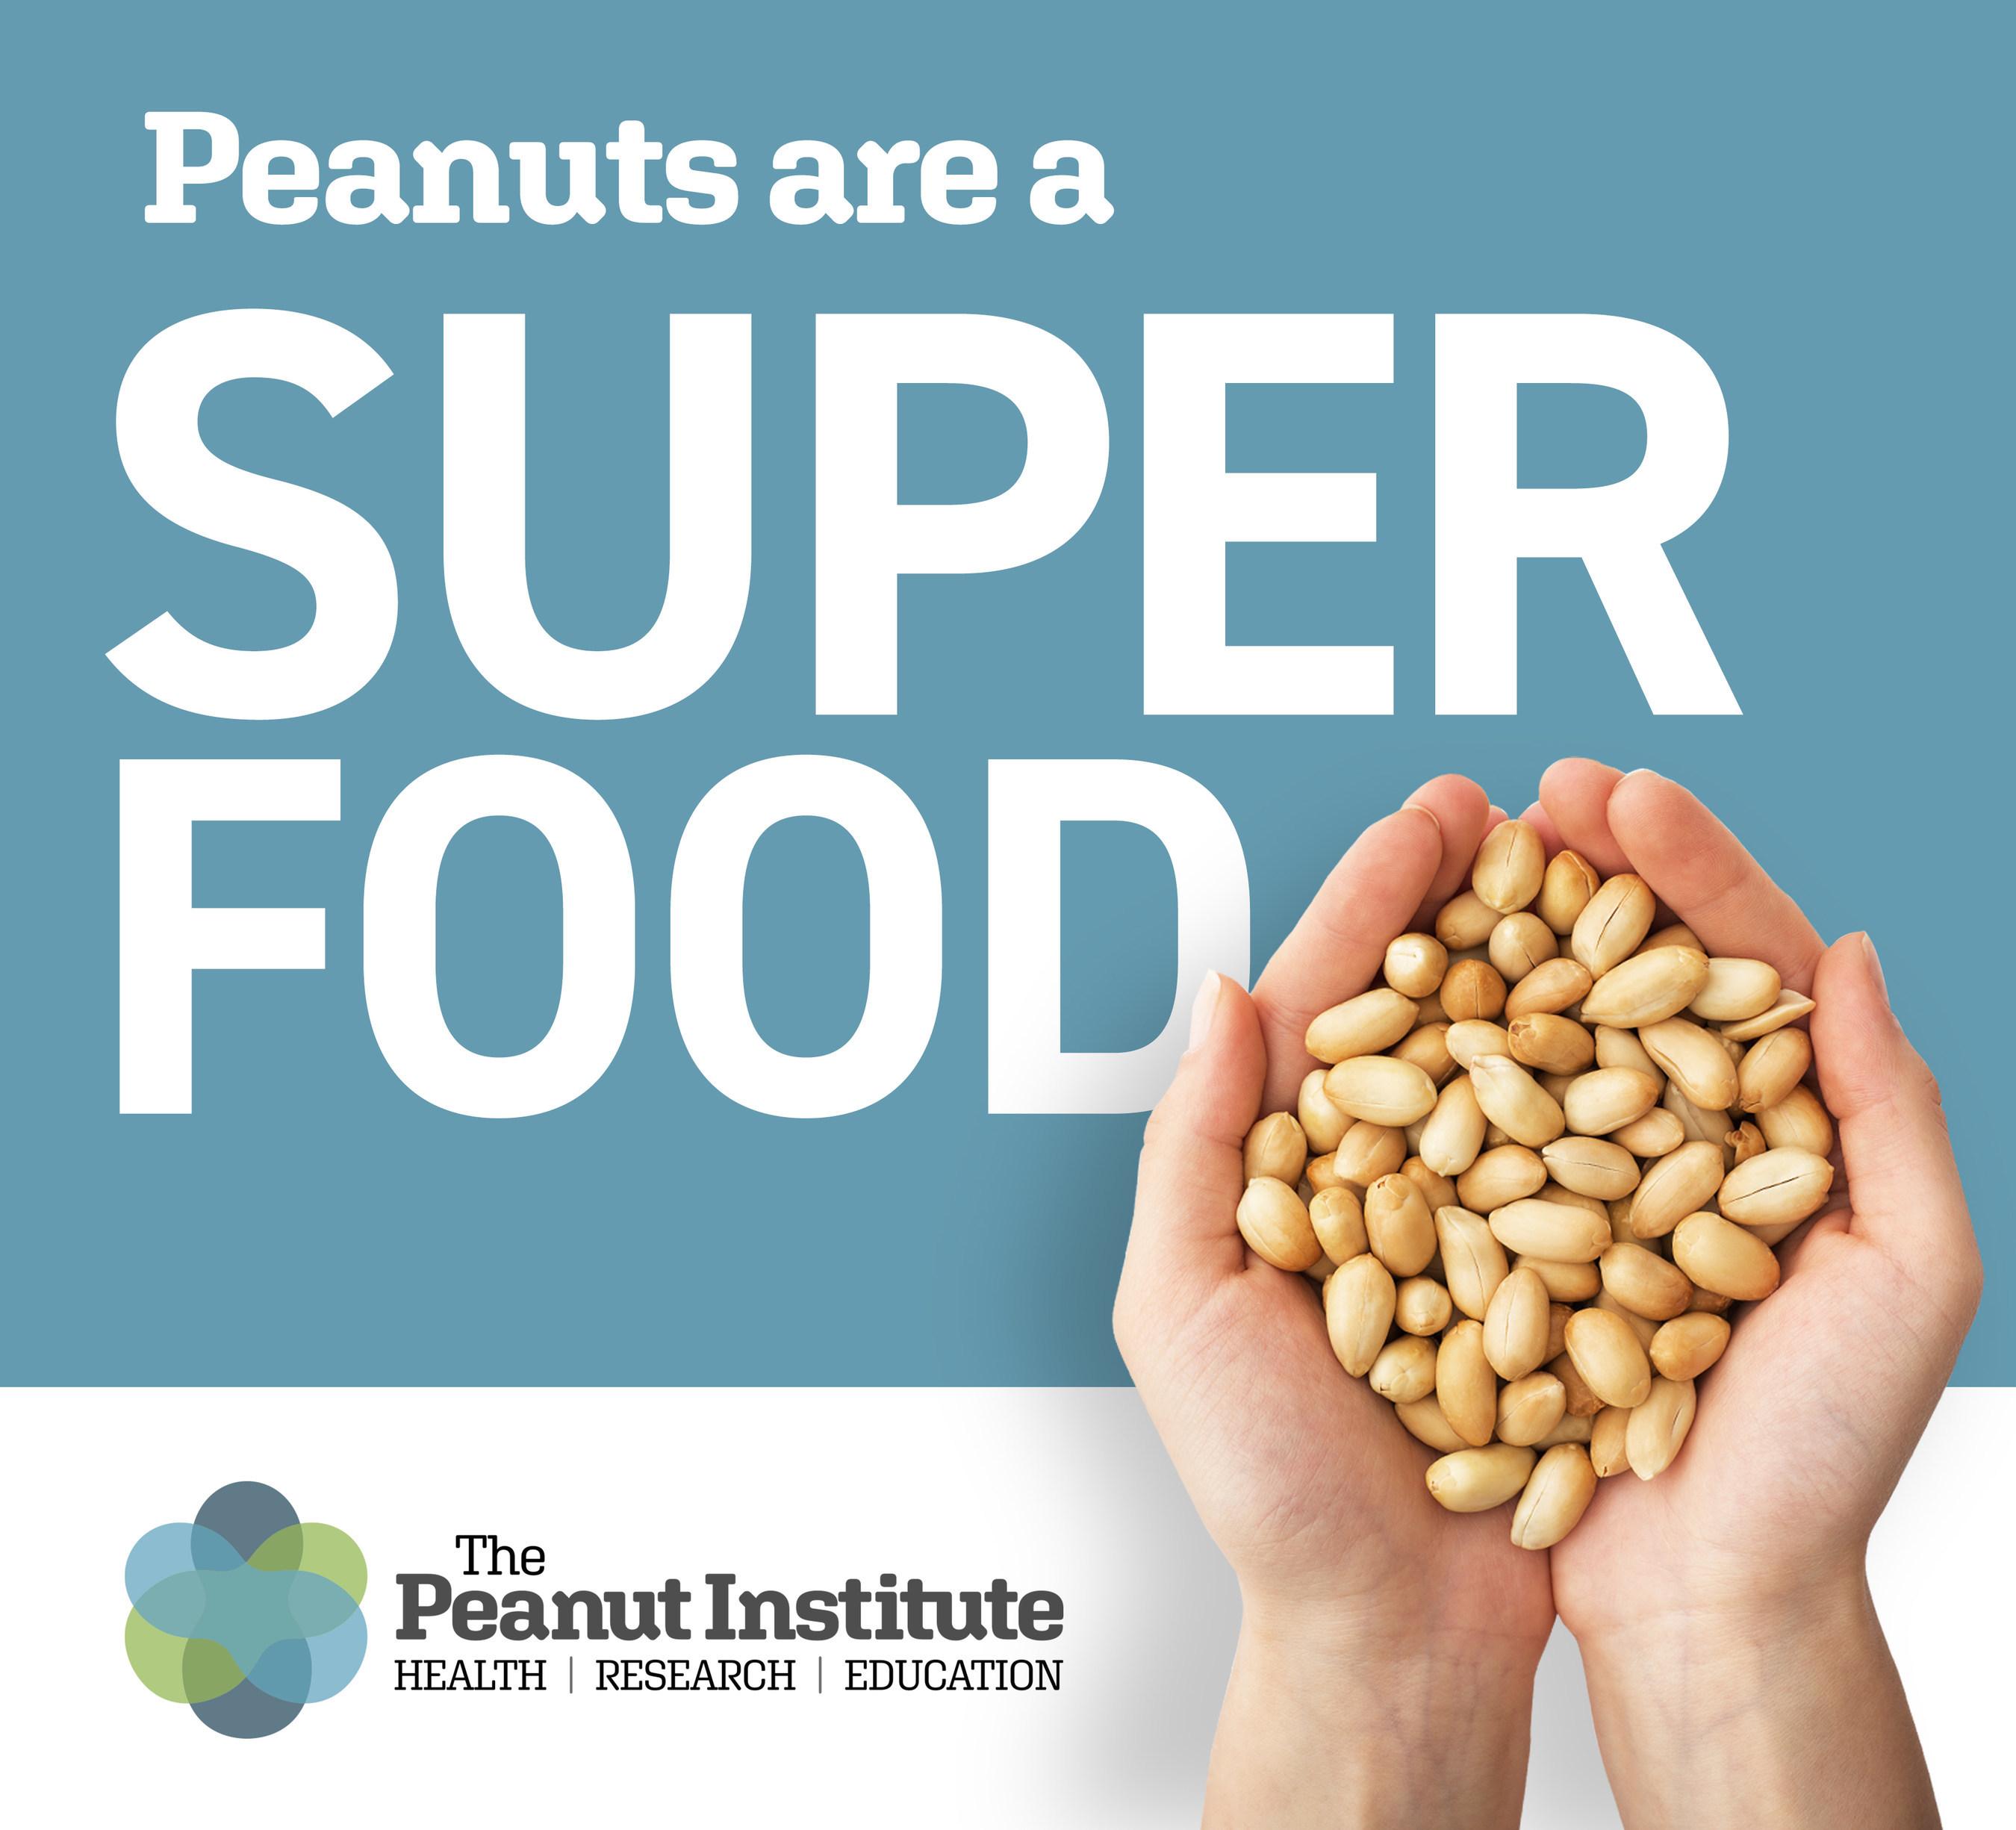 Peanuts Rise To Superfood Status